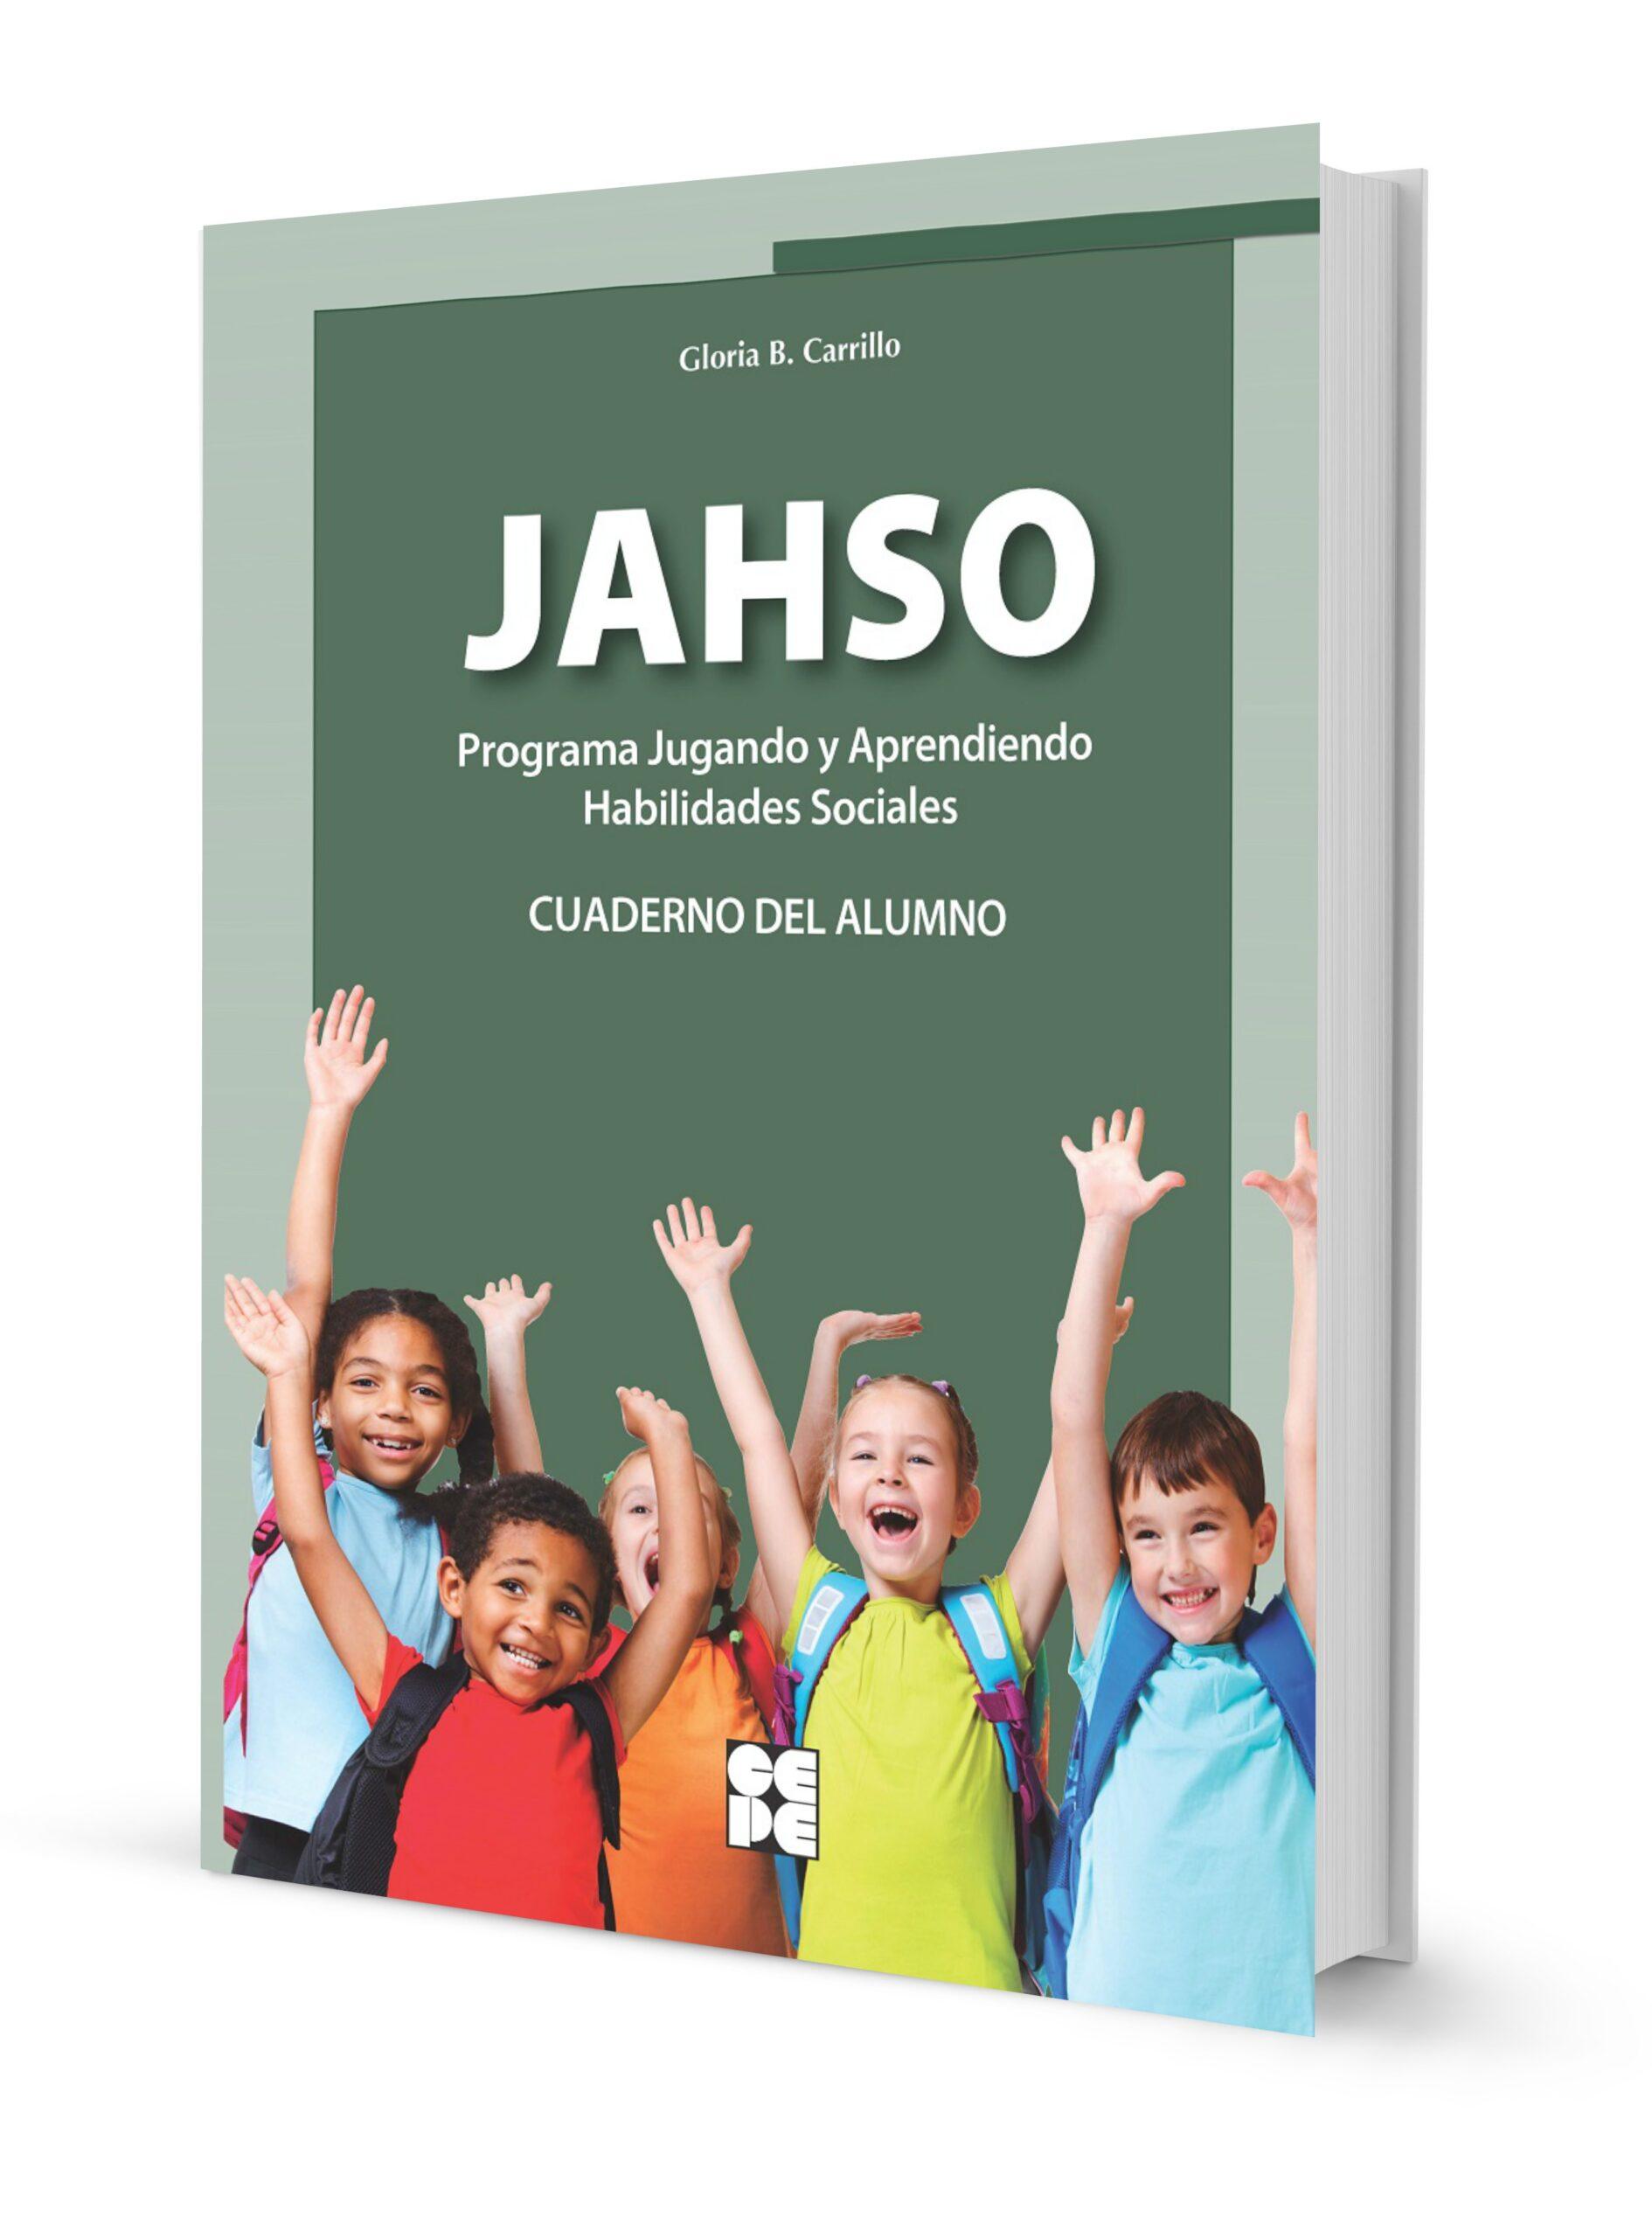 Programa Jugando y Aprendiendo Habilidades Sociales (JAHSO) CUADERNO DEL ALUMNO